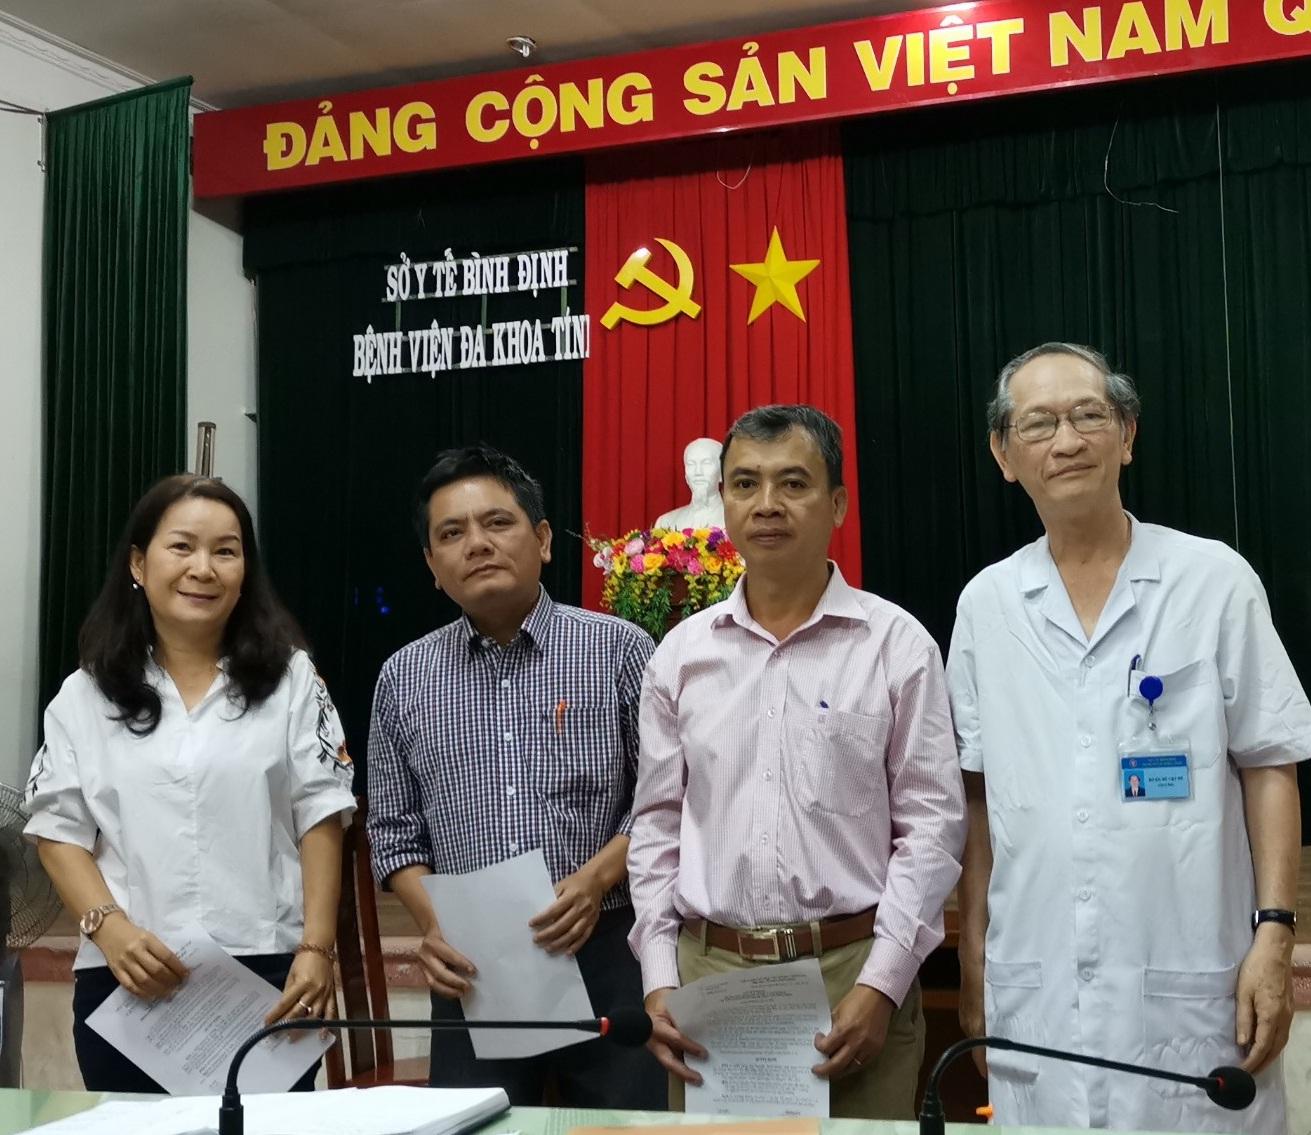 Thành lập khoa mới tại Bệnh viện Đa khoa tỉnh Bình Định